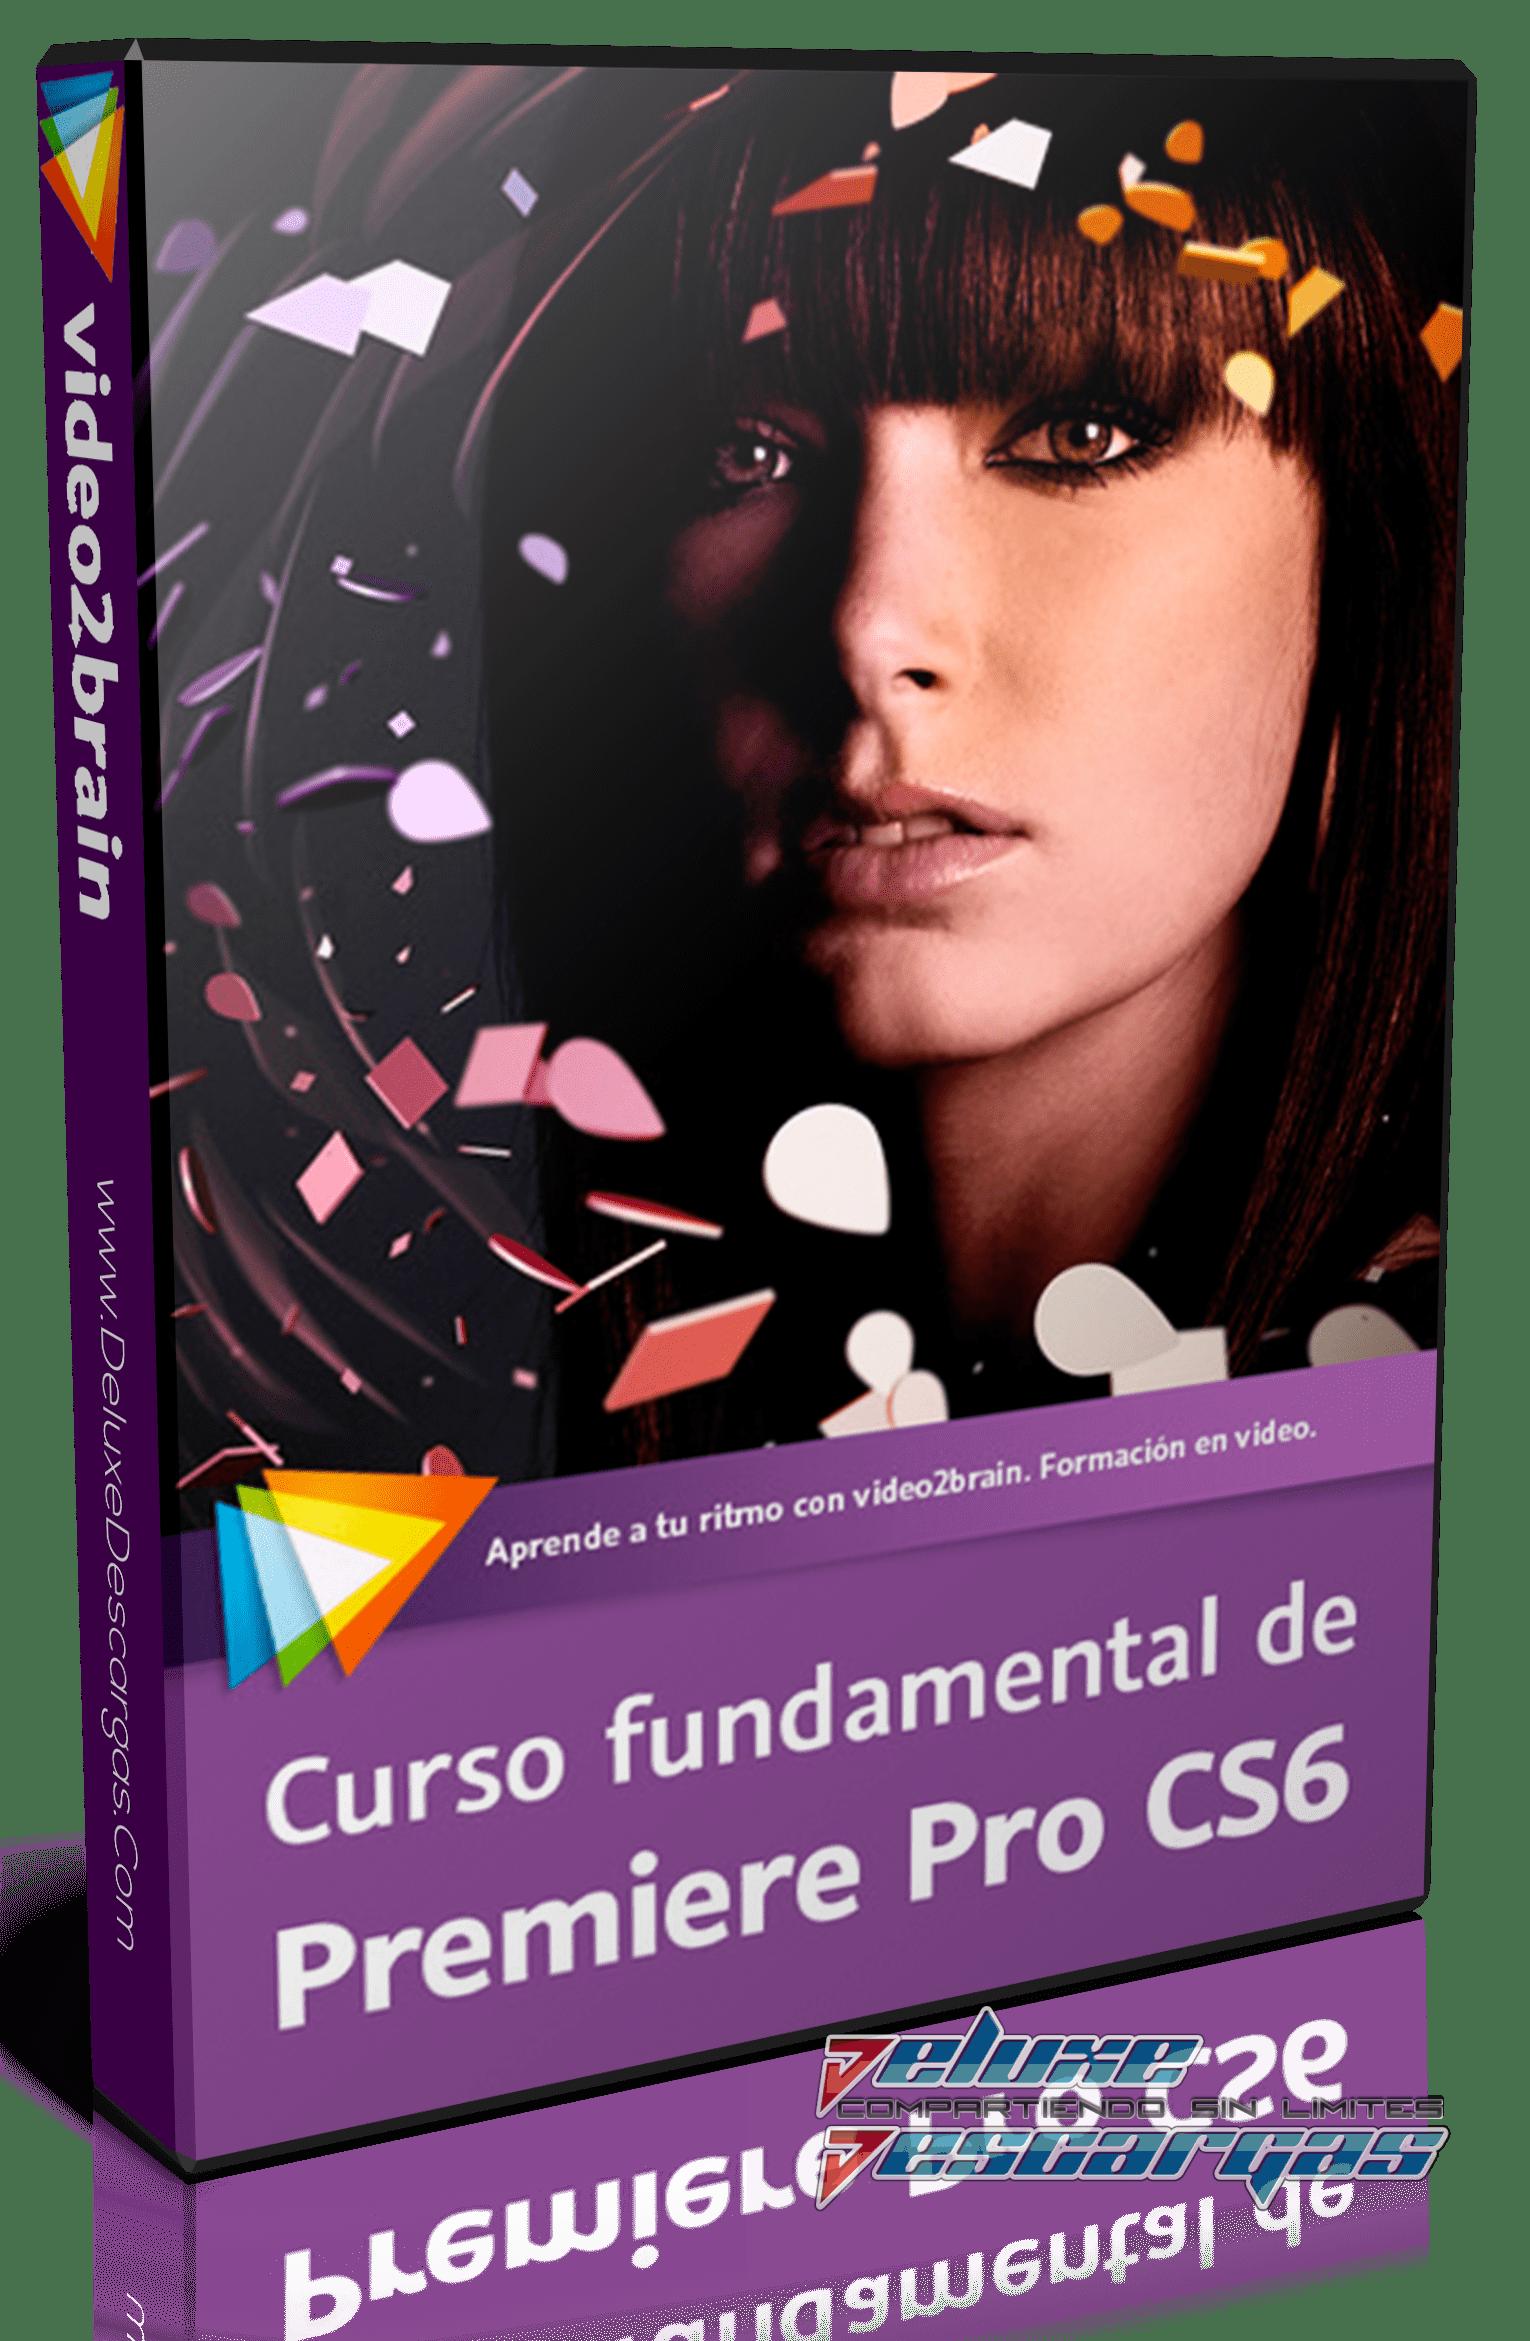 Video2Brain: Curso fundamental de Premiere Pro CS6